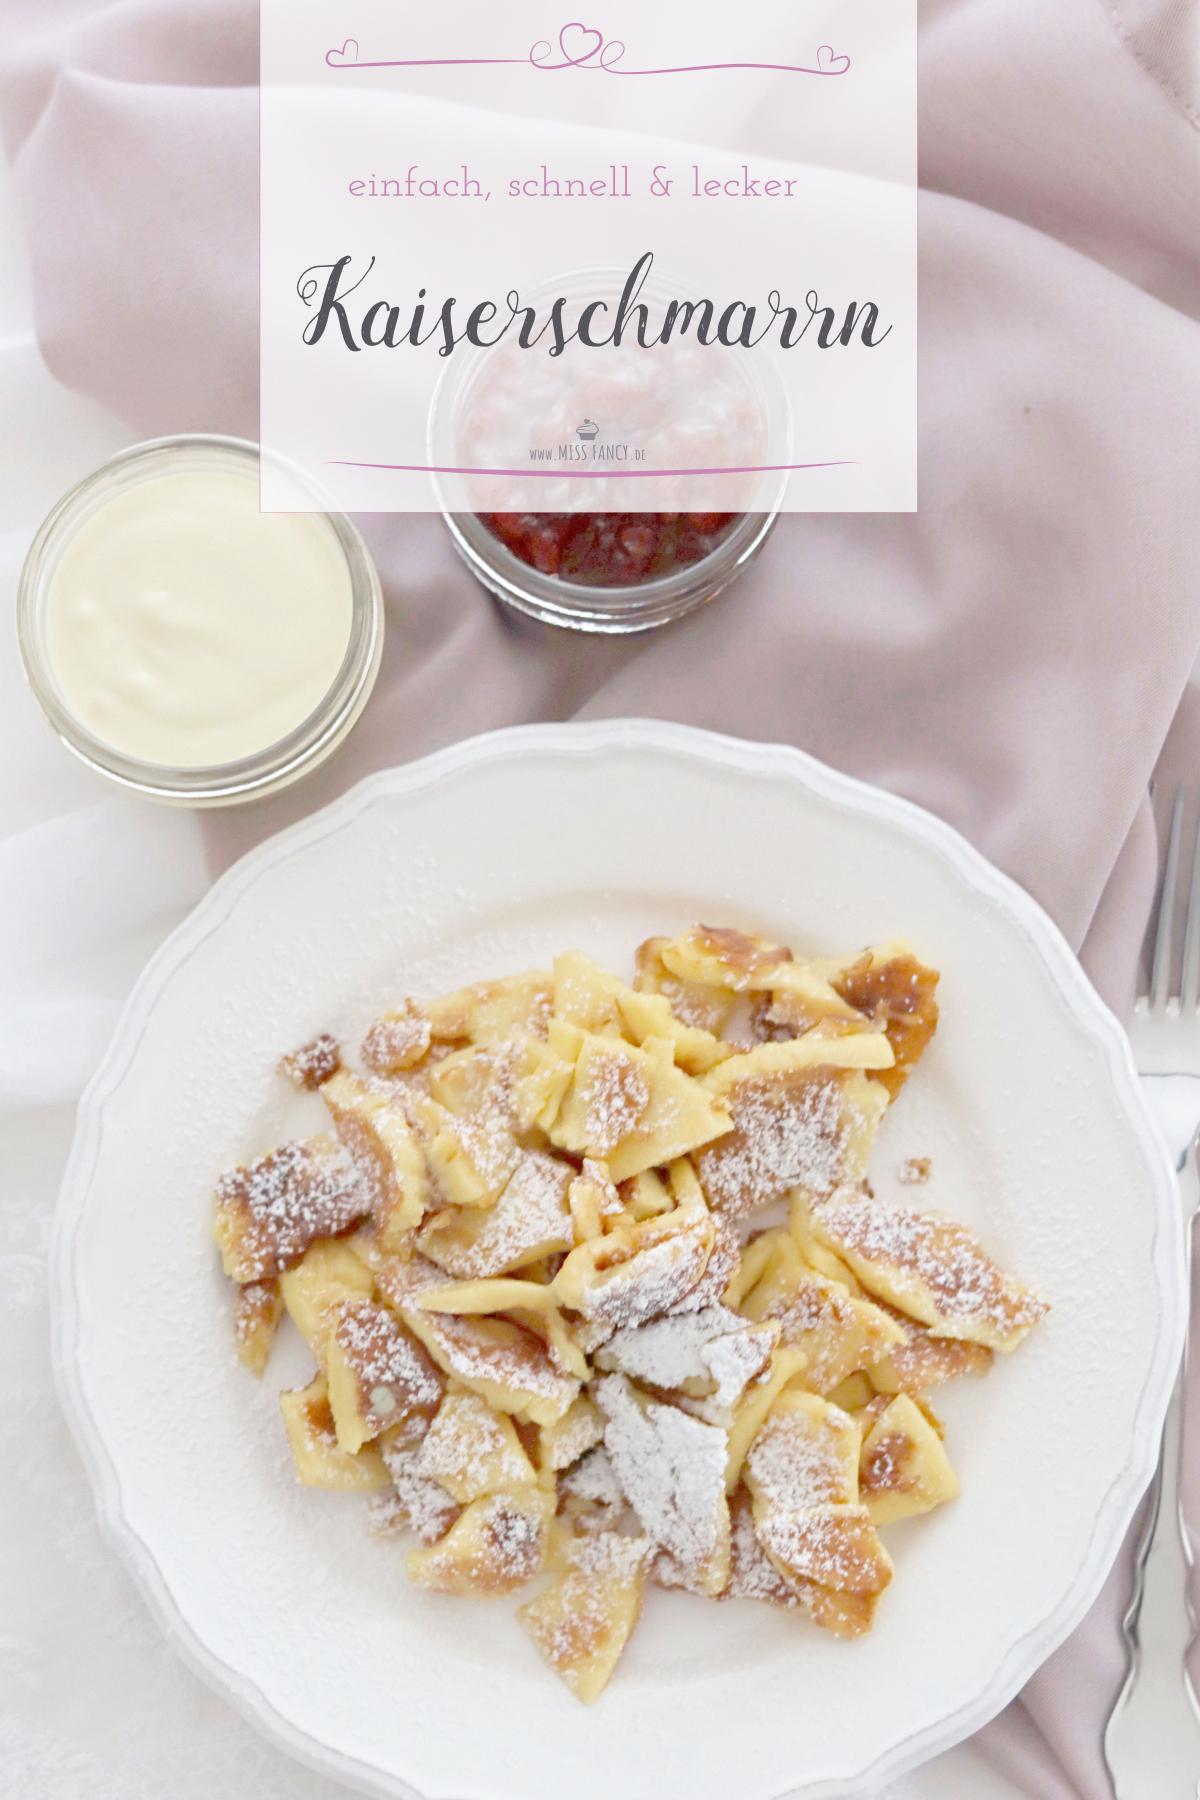 Rezept-Kaiserschmarrn-schnell-food-blog